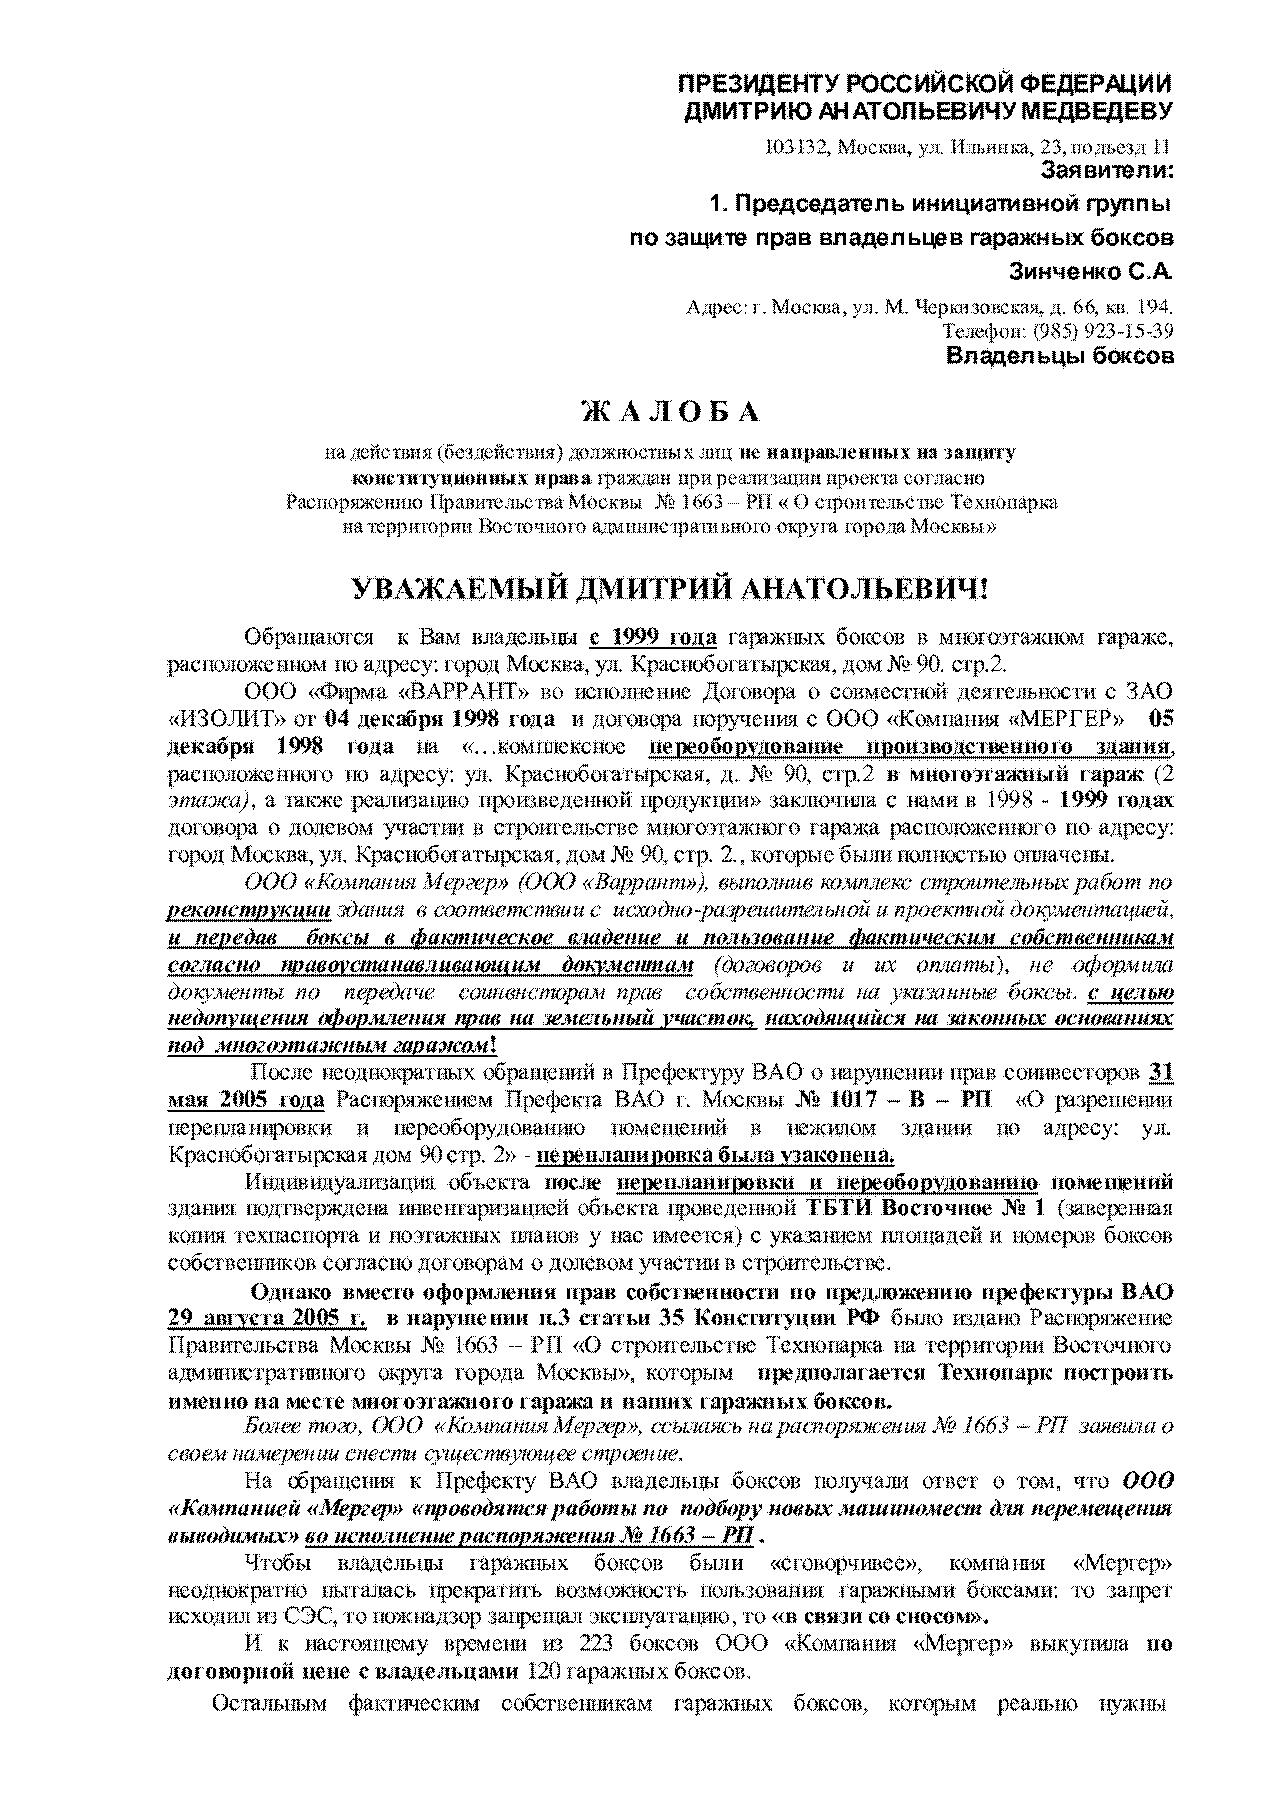 Досудебный порядок обжалования решений, действий (бездействия) таможенных органов и их должностных лиц